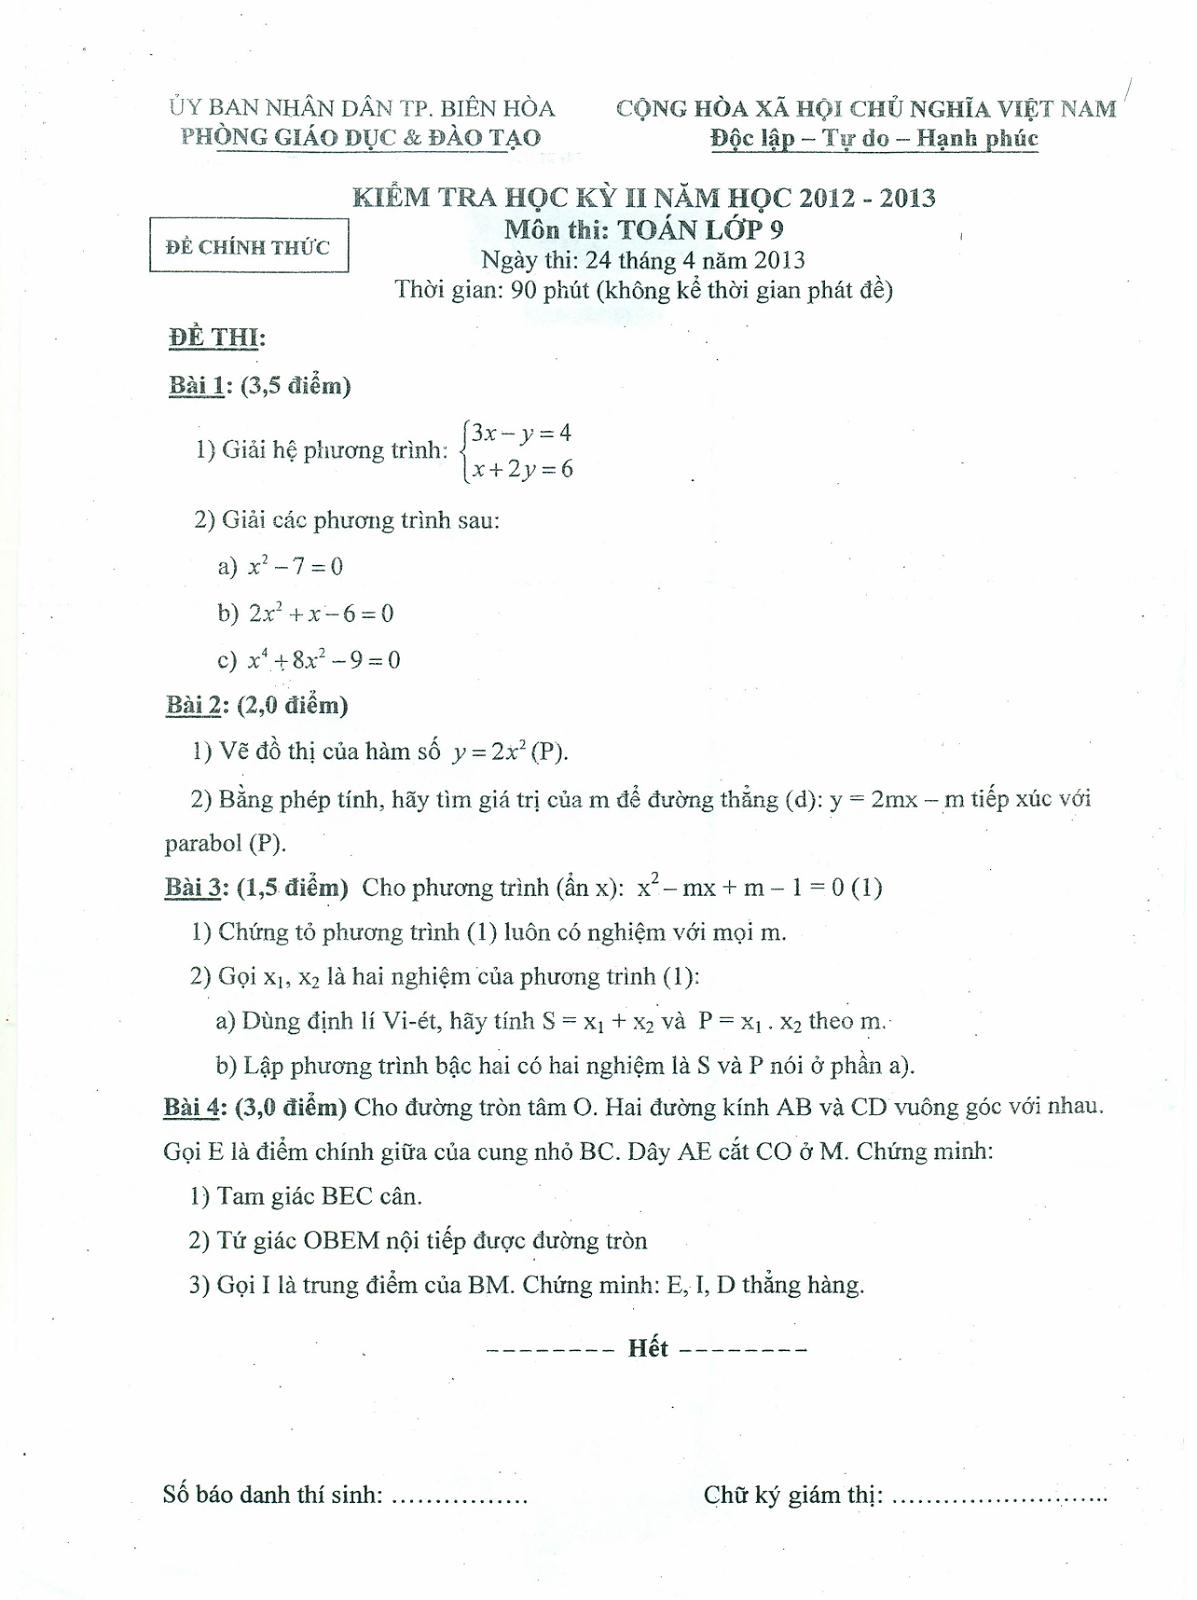 Đề thi học kỳ 2 môn toán lớp 9 tỉnh Đồng Nai năm 2013